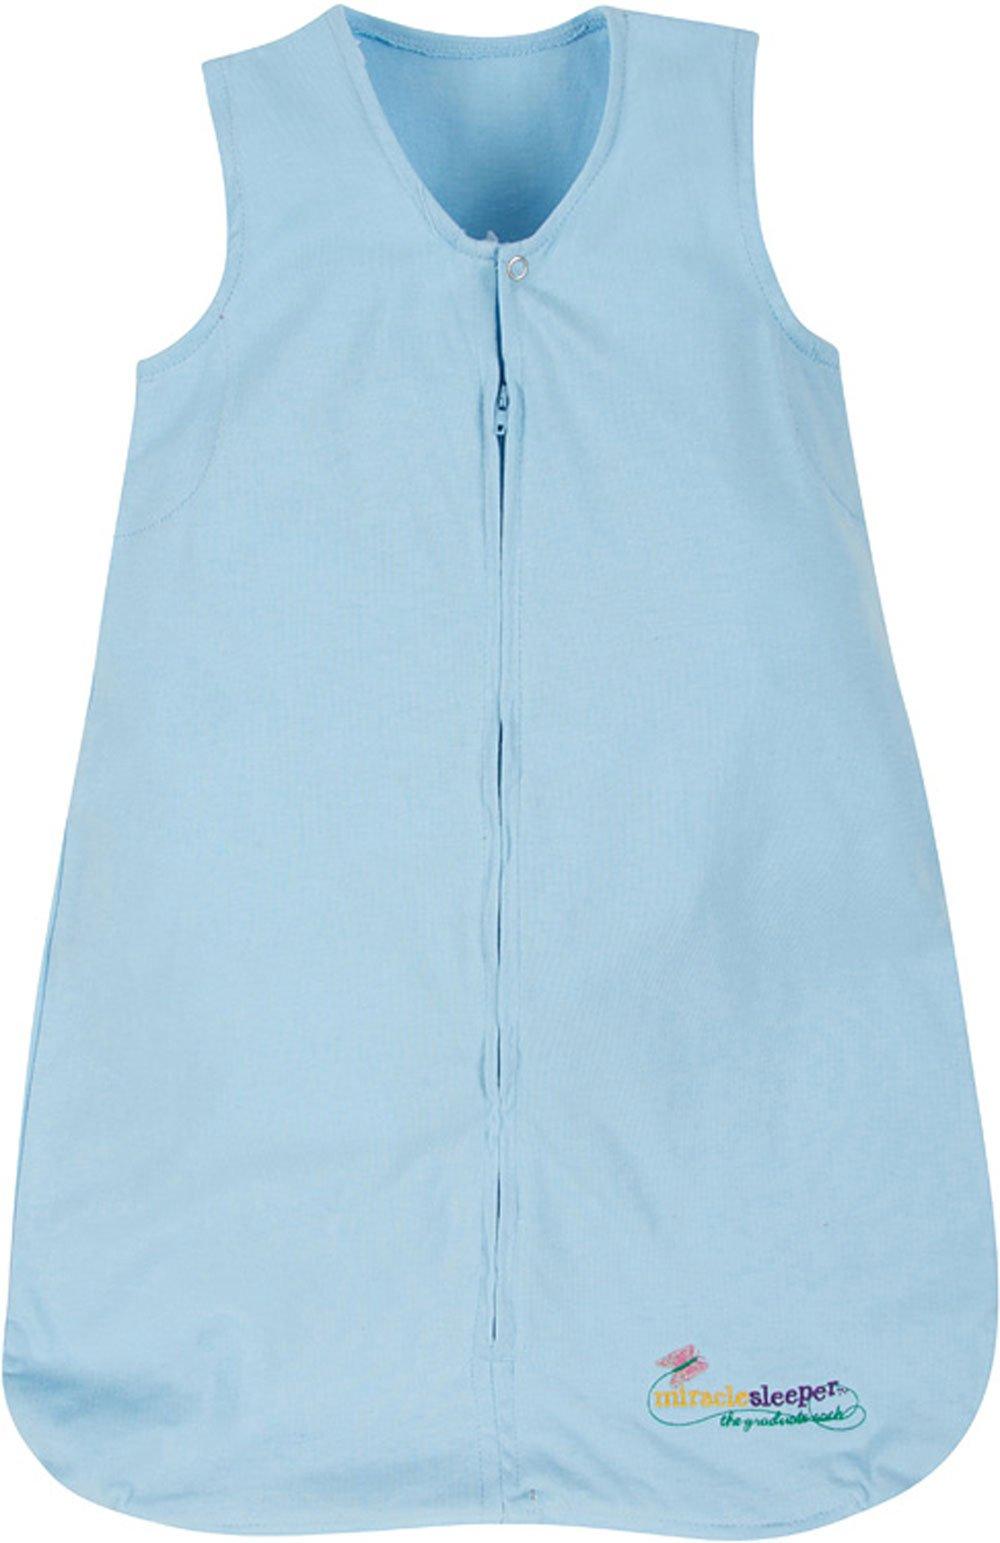 Miracle Blanket Sleeper Wearable Blanket Sack, Blue, Medium (9-18 months)